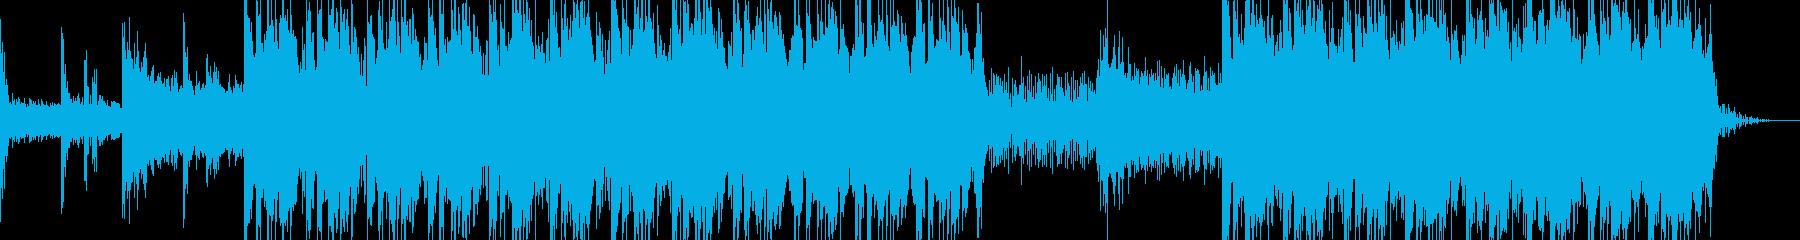 ミステリアスでCOOLなサスペンスEDMの再生済みの波形